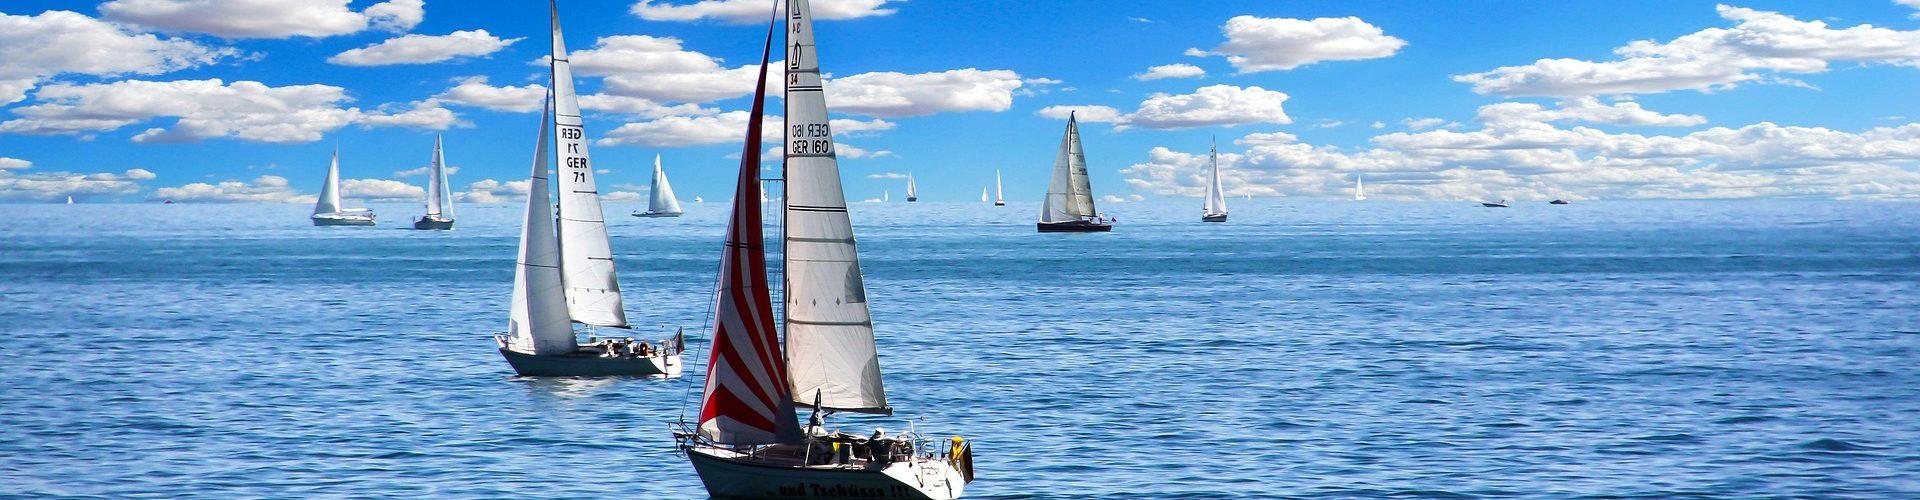 segeln lernen in Kollmar segelschein machen in Kollmar 1920x500 - Segeln lernen in Kollmar